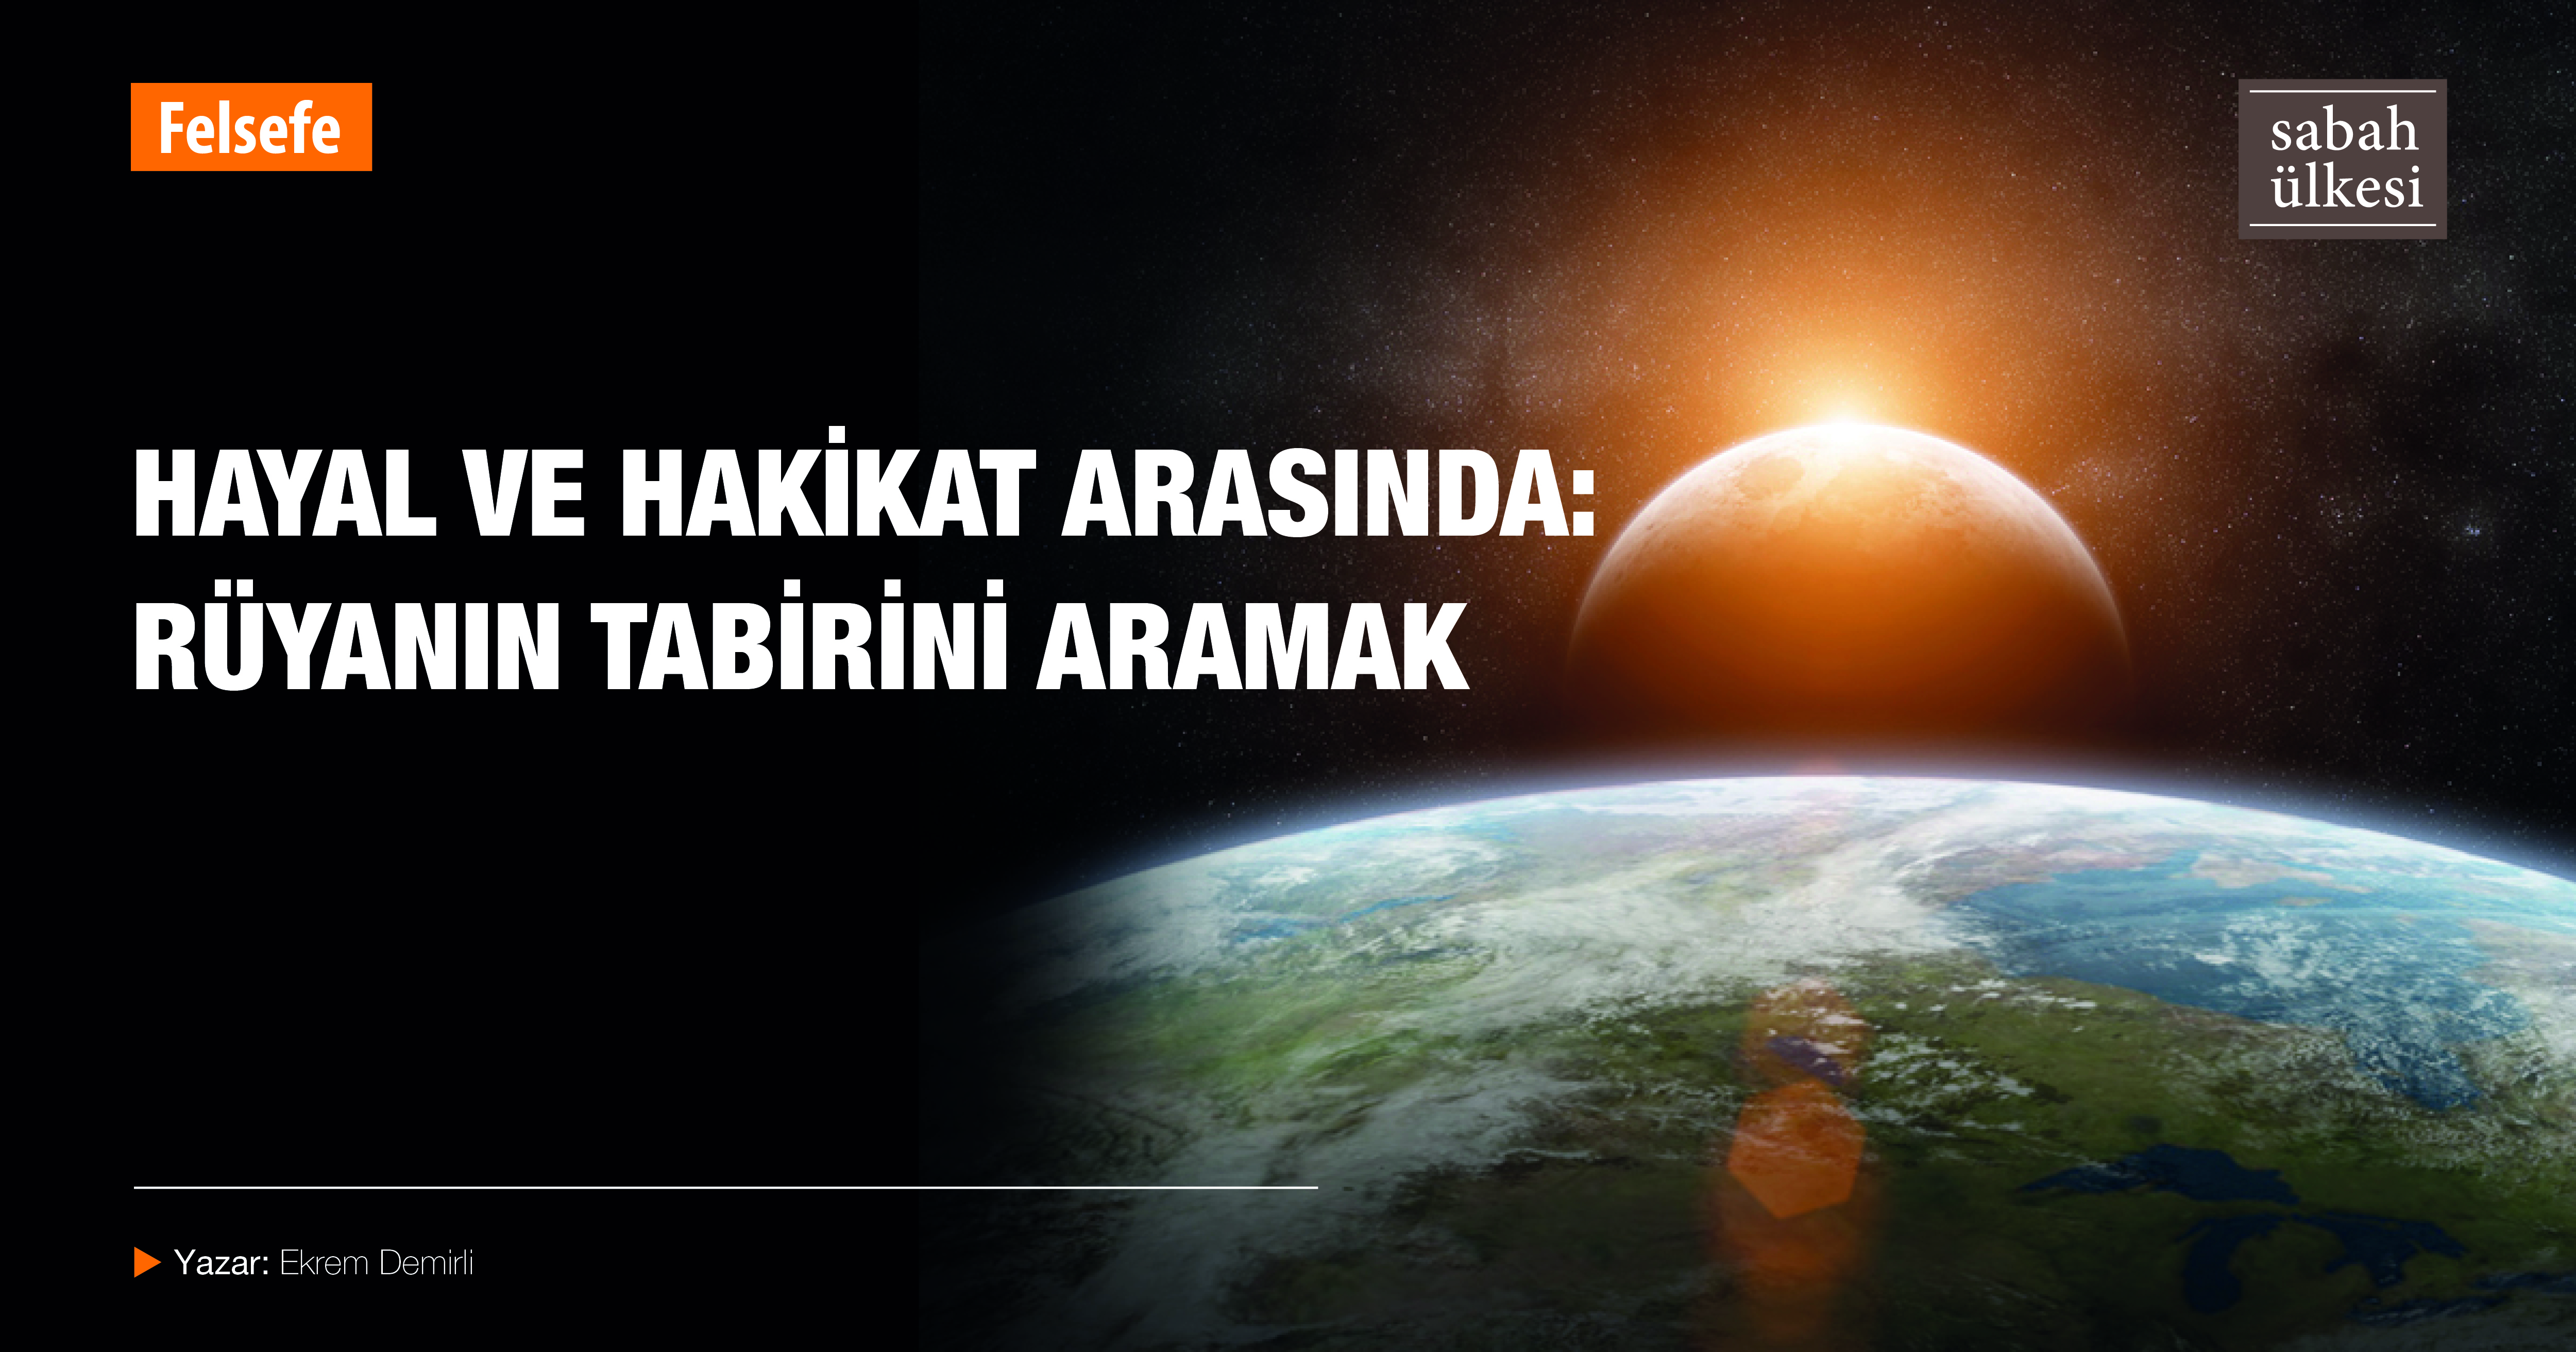 Rüyada Anlatmak Görmek İslami